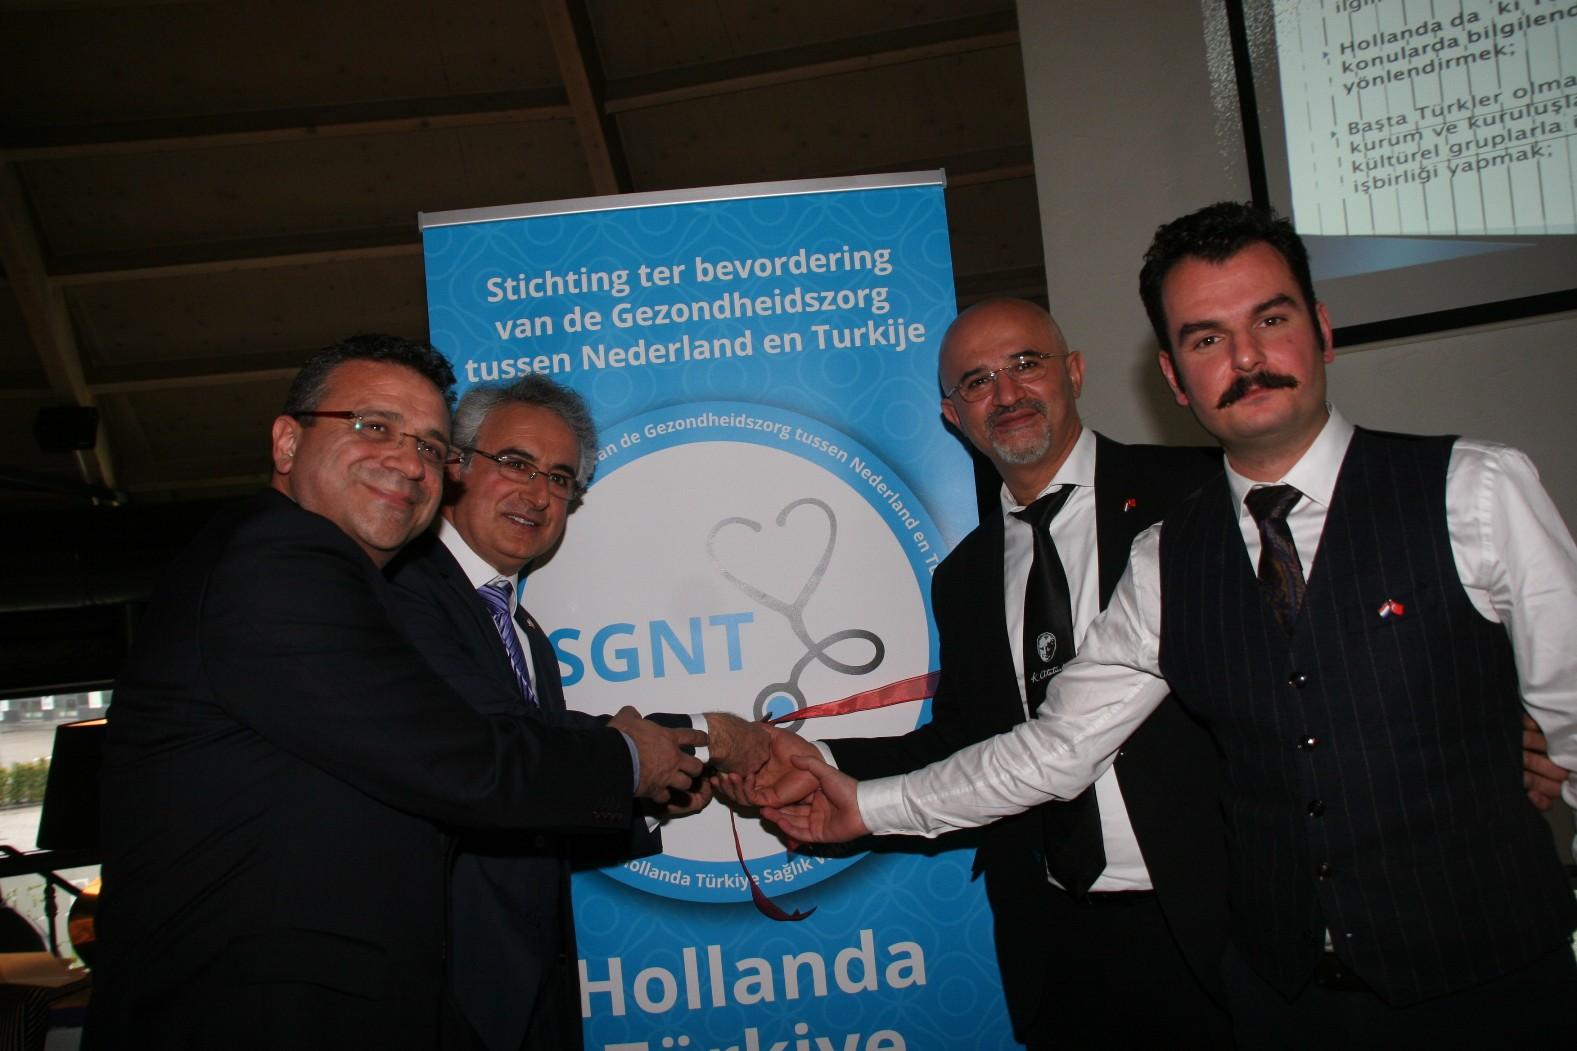 Hollanda Türkiye Sağlık Vakfı (HTSV) Kuruldu